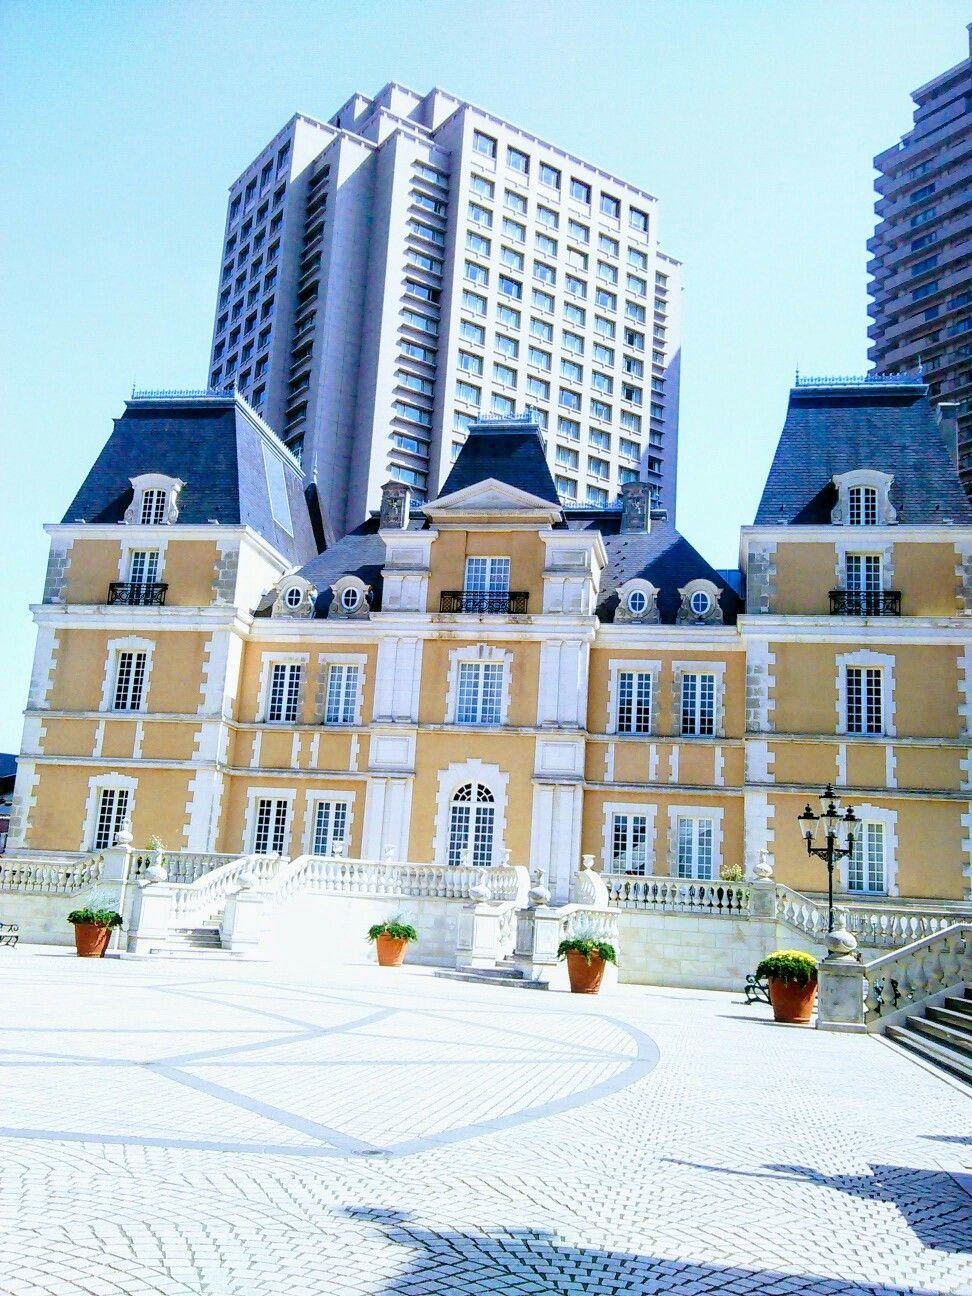 建物が外国風 シックでオシャレタウン 青空と建物がマッチ デートスポット 優雅に過ごしたい デートスポット 風景 近い